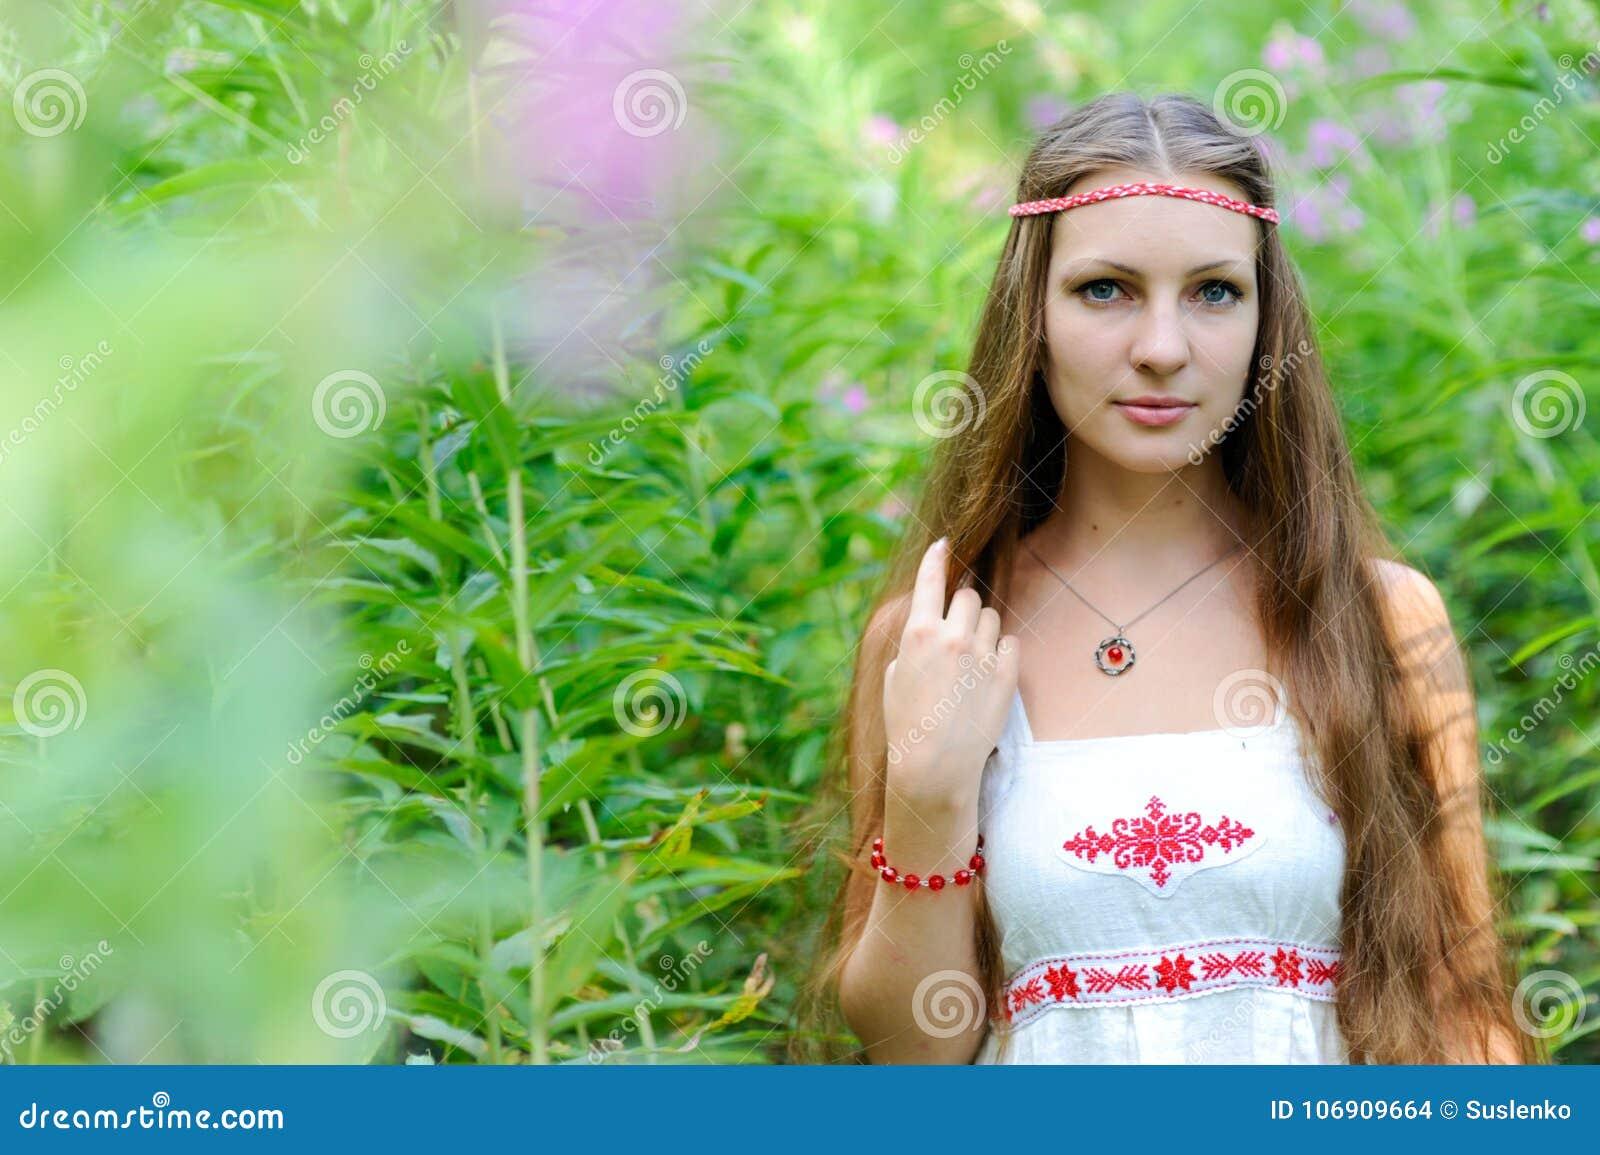 Portret młoda piękna Slawistyczna dziewczyna z długie włosy i Slawistyczną etniczną suknią w gąszczach wysoka trawa